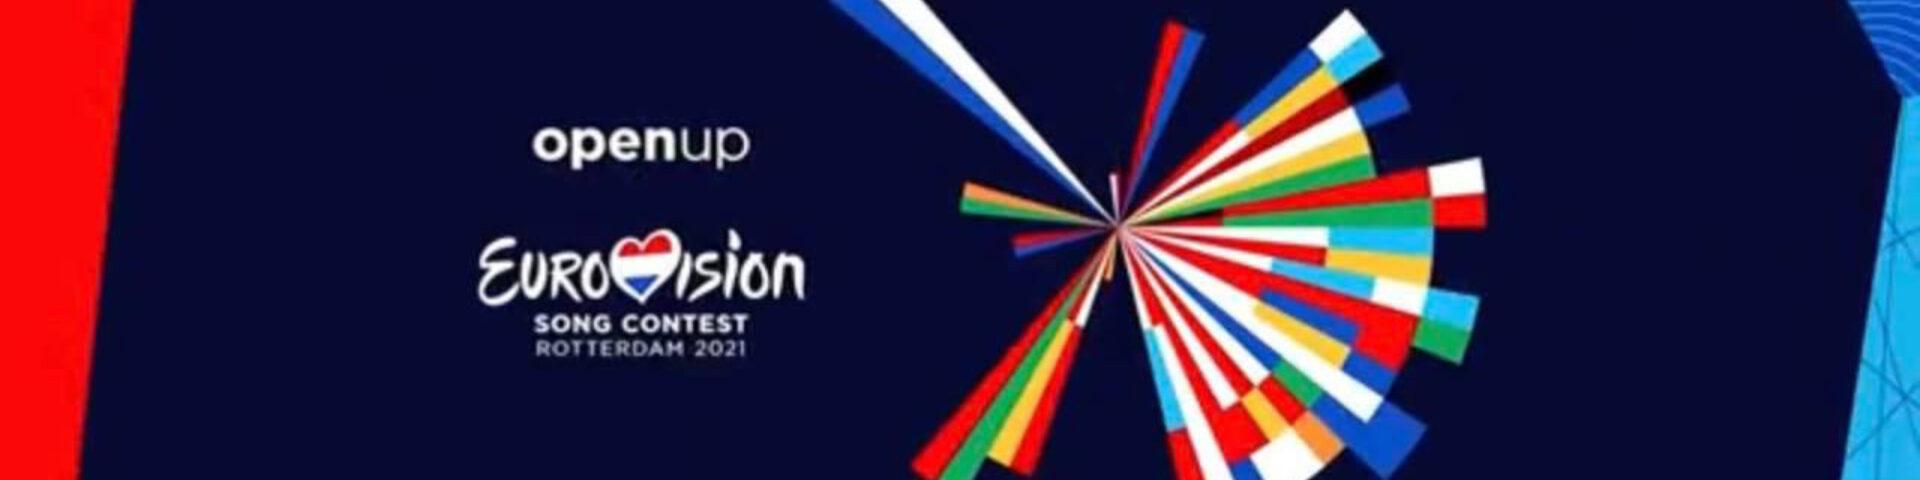 Eurovision Song Contest 2021: le migliori proposte in semifinale (Video)